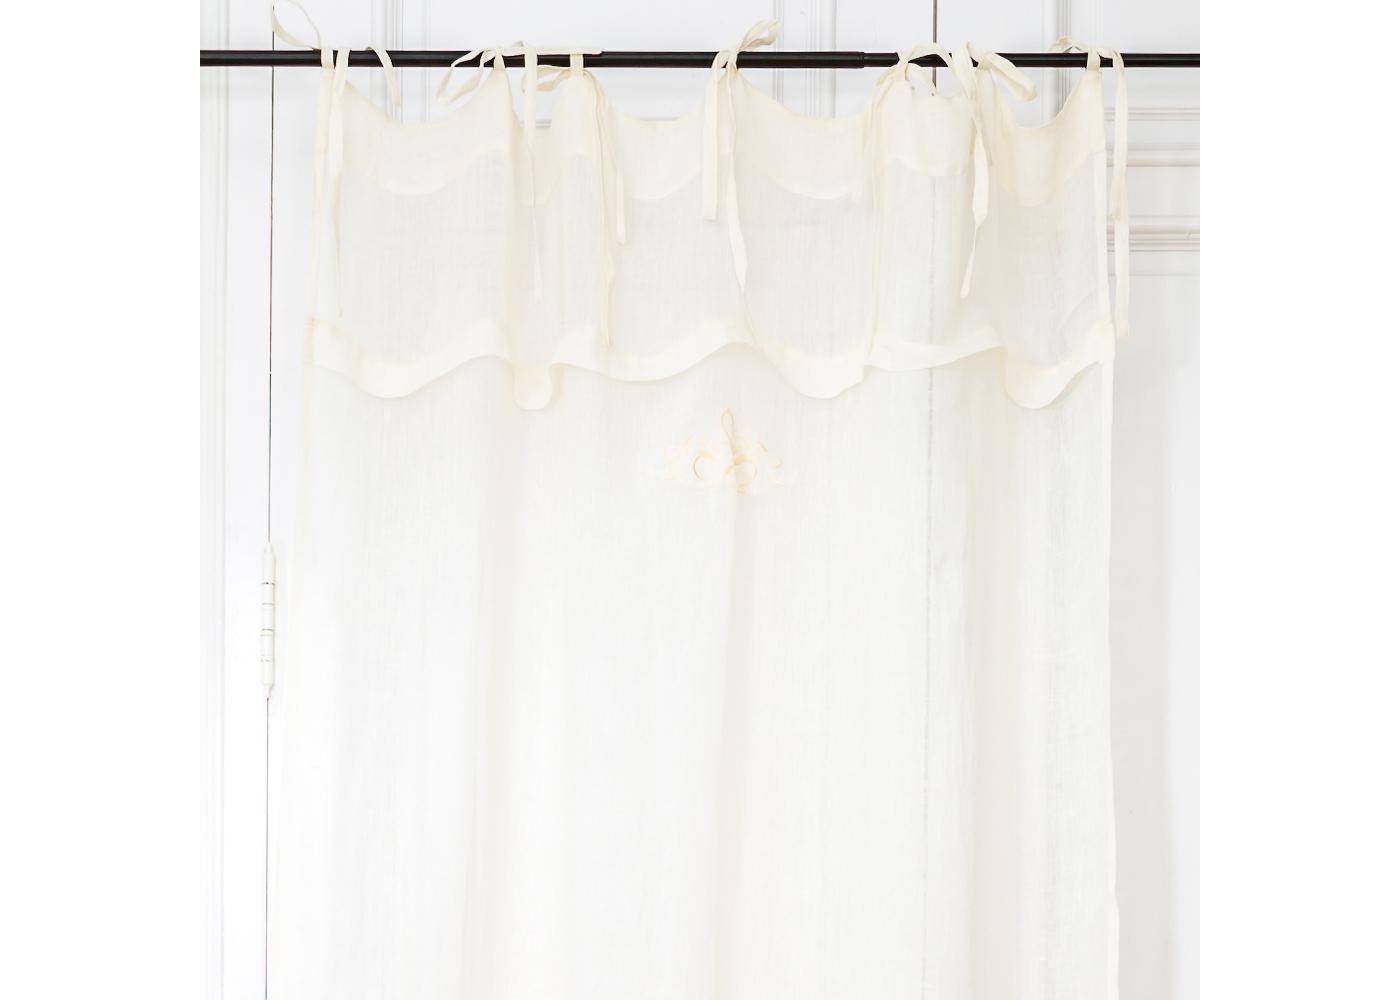 Штора «Королевская лилия»Шторы<br>Элегантная штора «Королевская лилия» создаст свежую и романтичную атмосферу в спальне, столовой, гостиной или детской комнате. Полупрозрачный занавес из  натурального льна, нежного кремового цвета, просеивает солнечный свет, наполняя пространства атмосферой безмятежности и уюта. Изящная вышивка королевской геральдической лилии деликатно намекнет на то, что в Вашем доме ценят аристократический дух прошлых столетий.&amp;lt;div&amp;gt;&amp;lt;br&amp;gt;&amp;lt;/div&amp;gt;&amp;lt;div&amp;gt;Эти шторы выполнены из натурально 100% льна. Каждая завязка имеет длину 40 см.<br>&amp;lt;/div&amp;gt;<br><br>Material: Лен<br>Width см: 140<br>Height см: 280